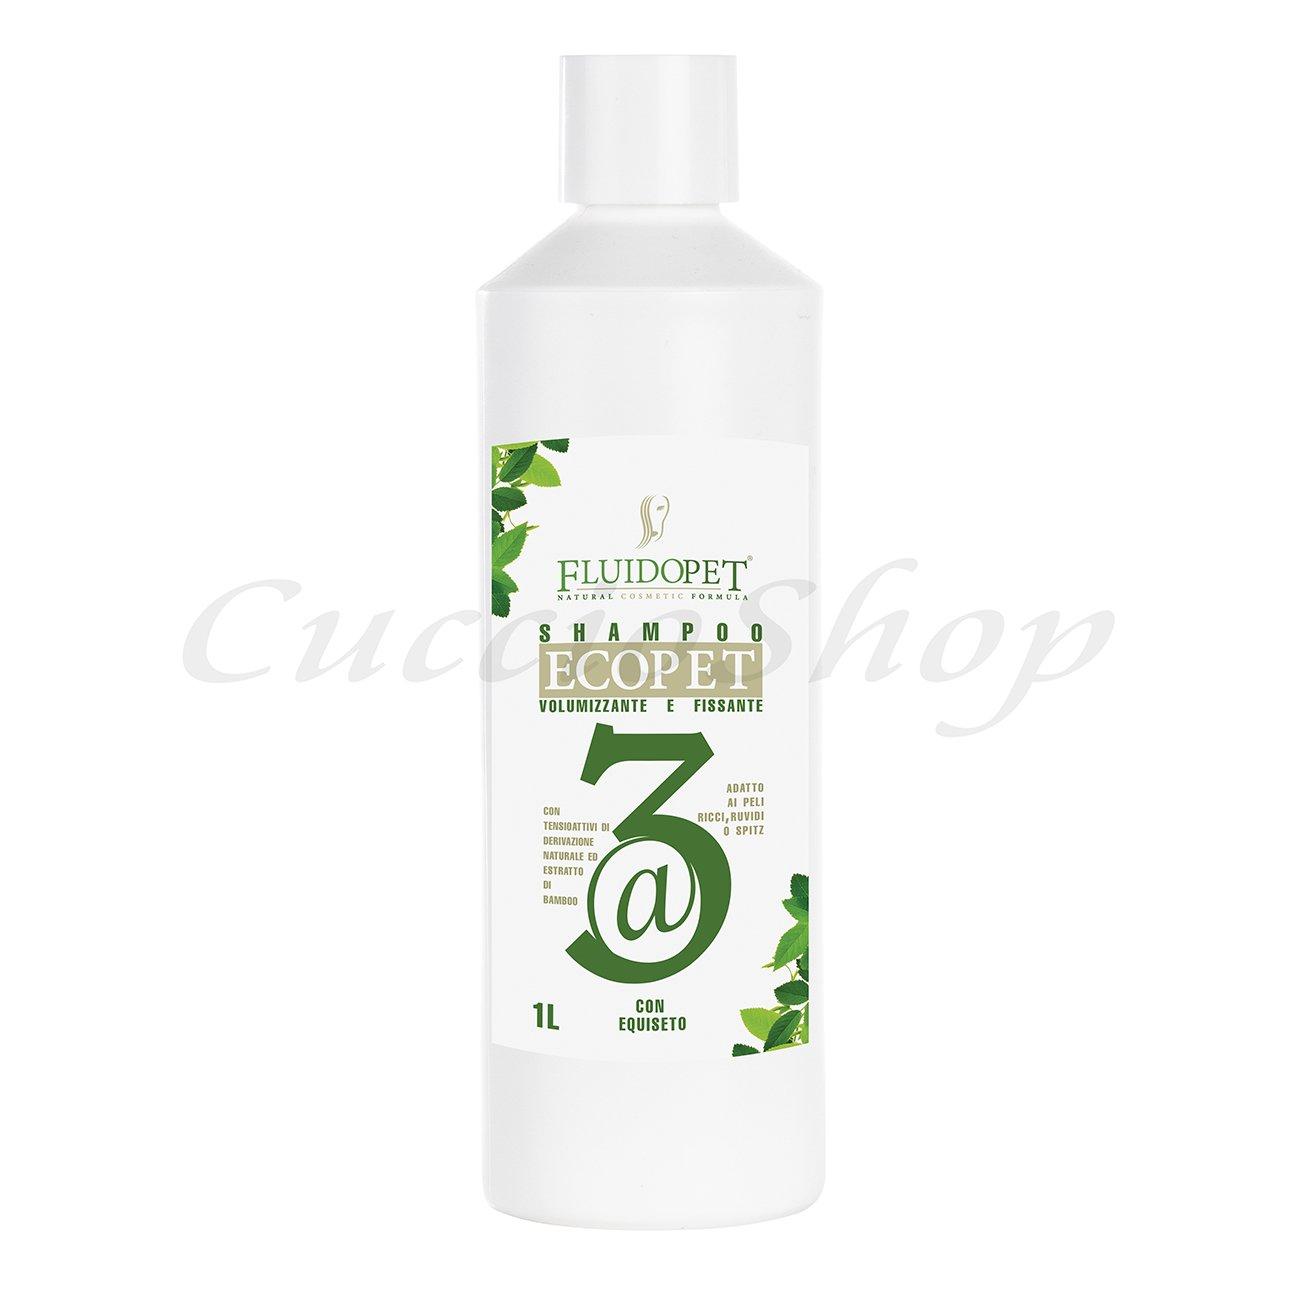 shampoo @3